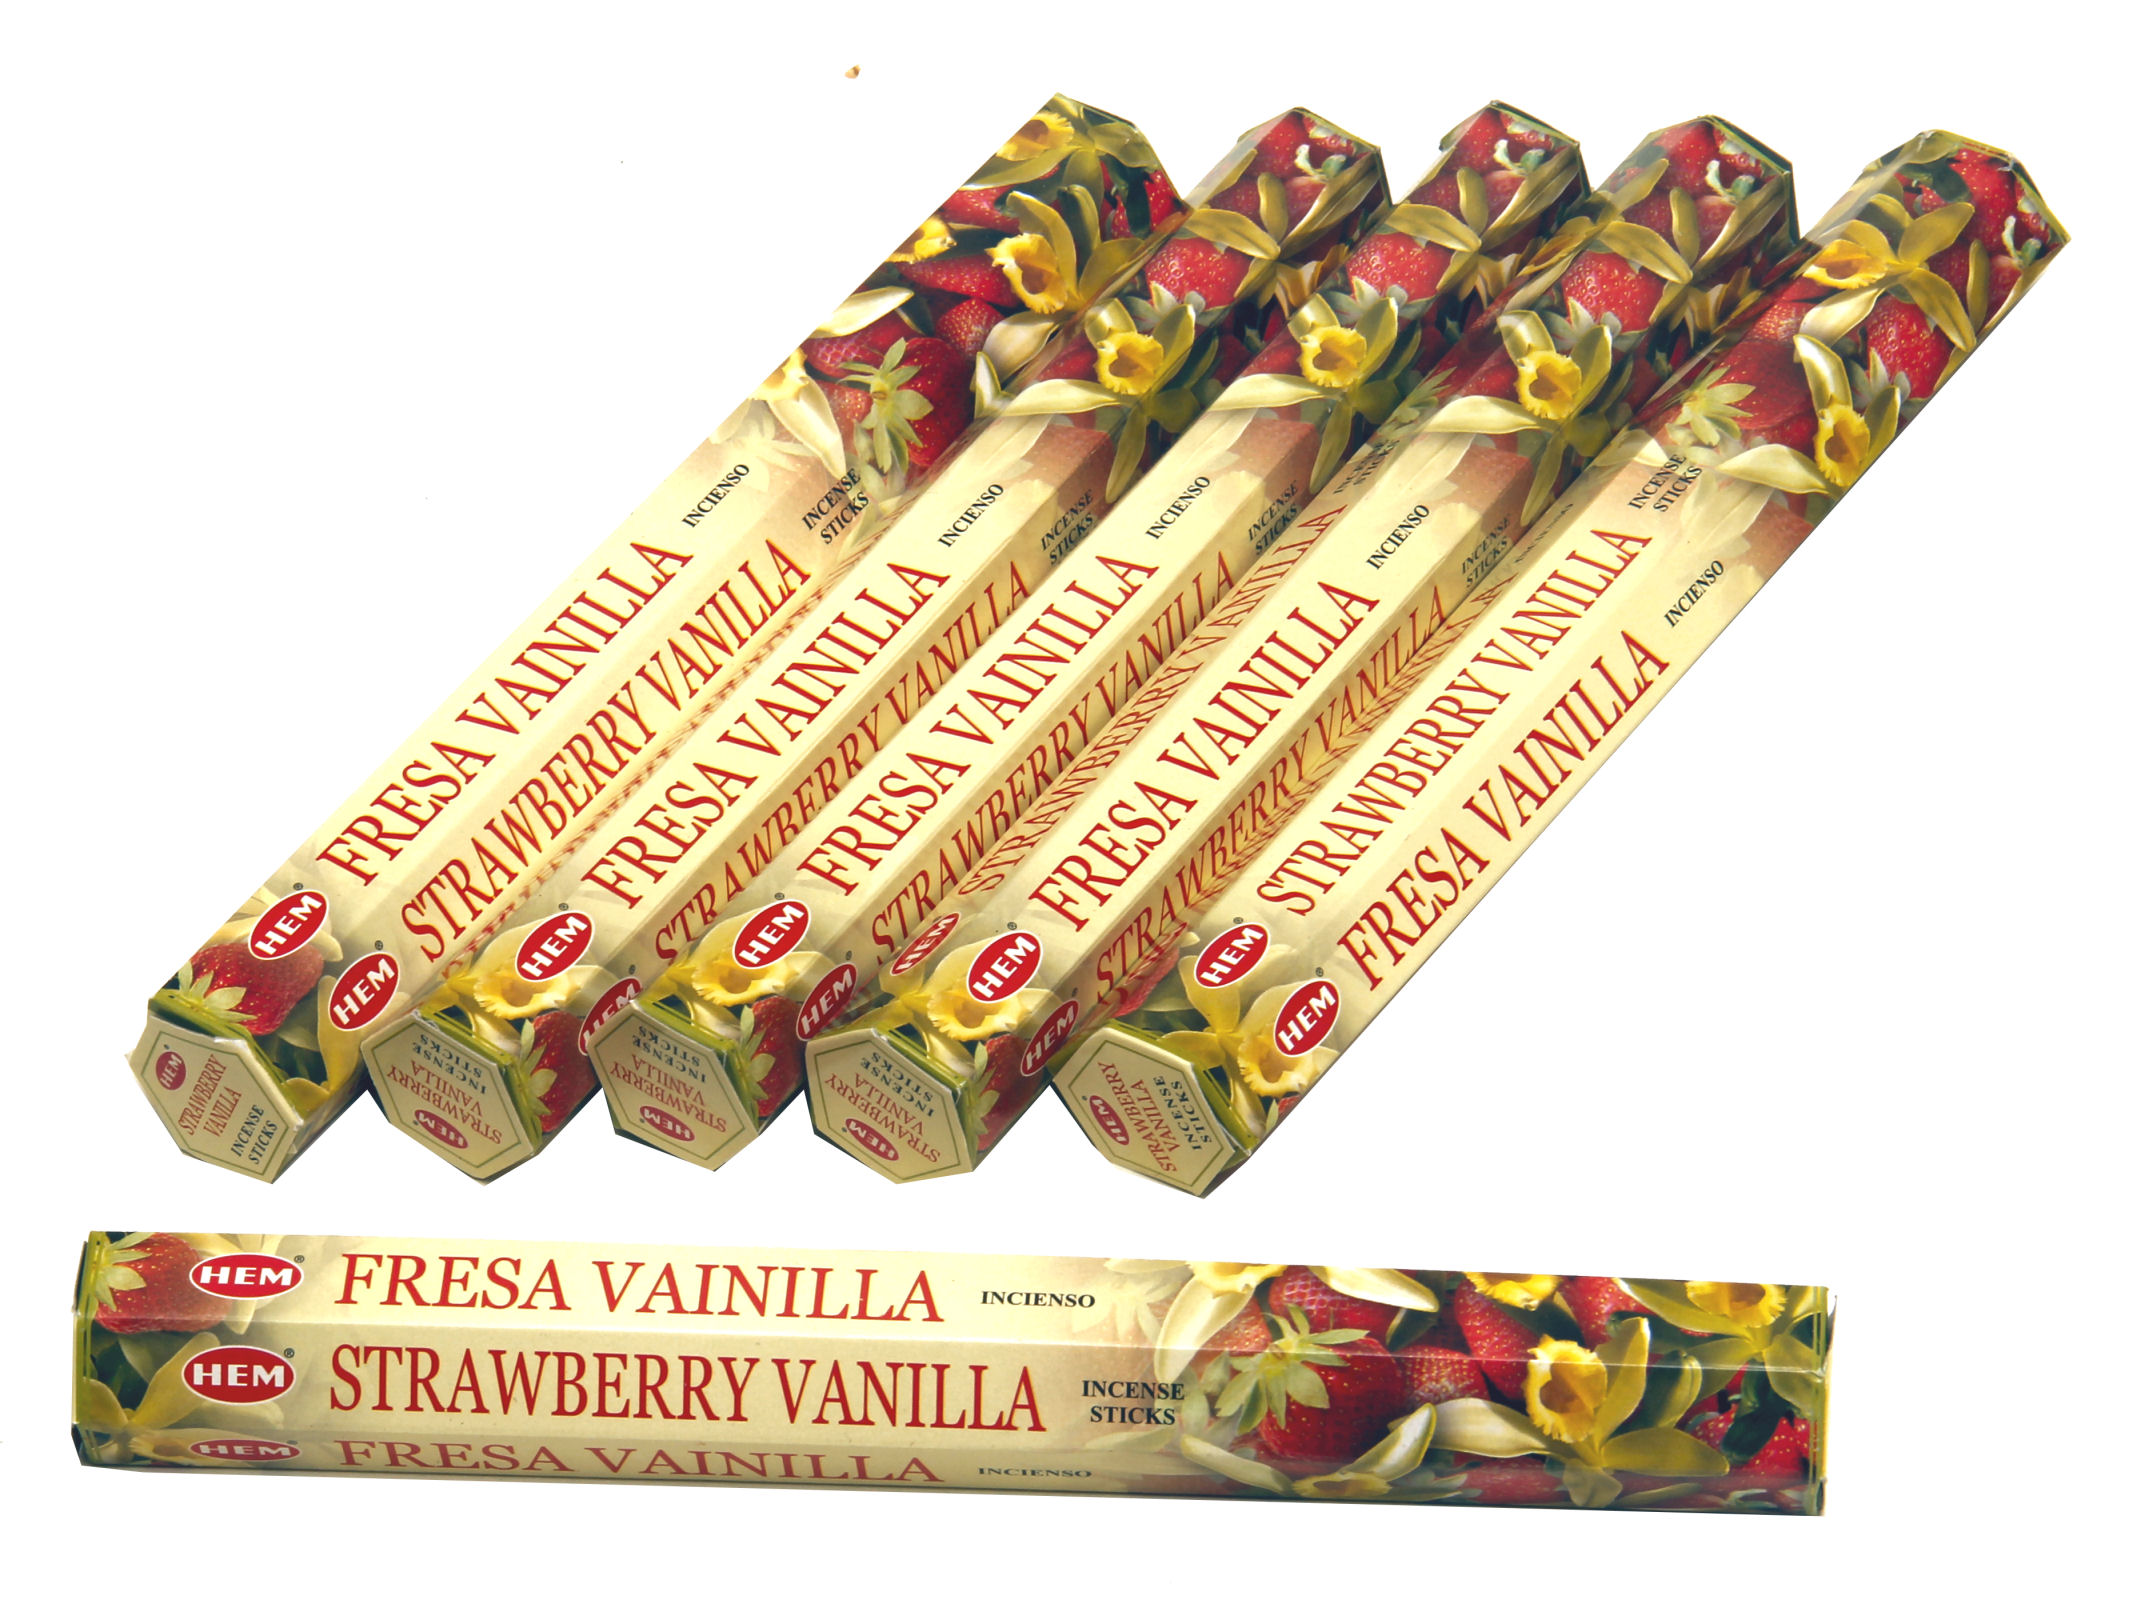 HEM Räucherstäbchen Sparset. 6 Packungen ca. 120 Sticks Strawberry Vanilla